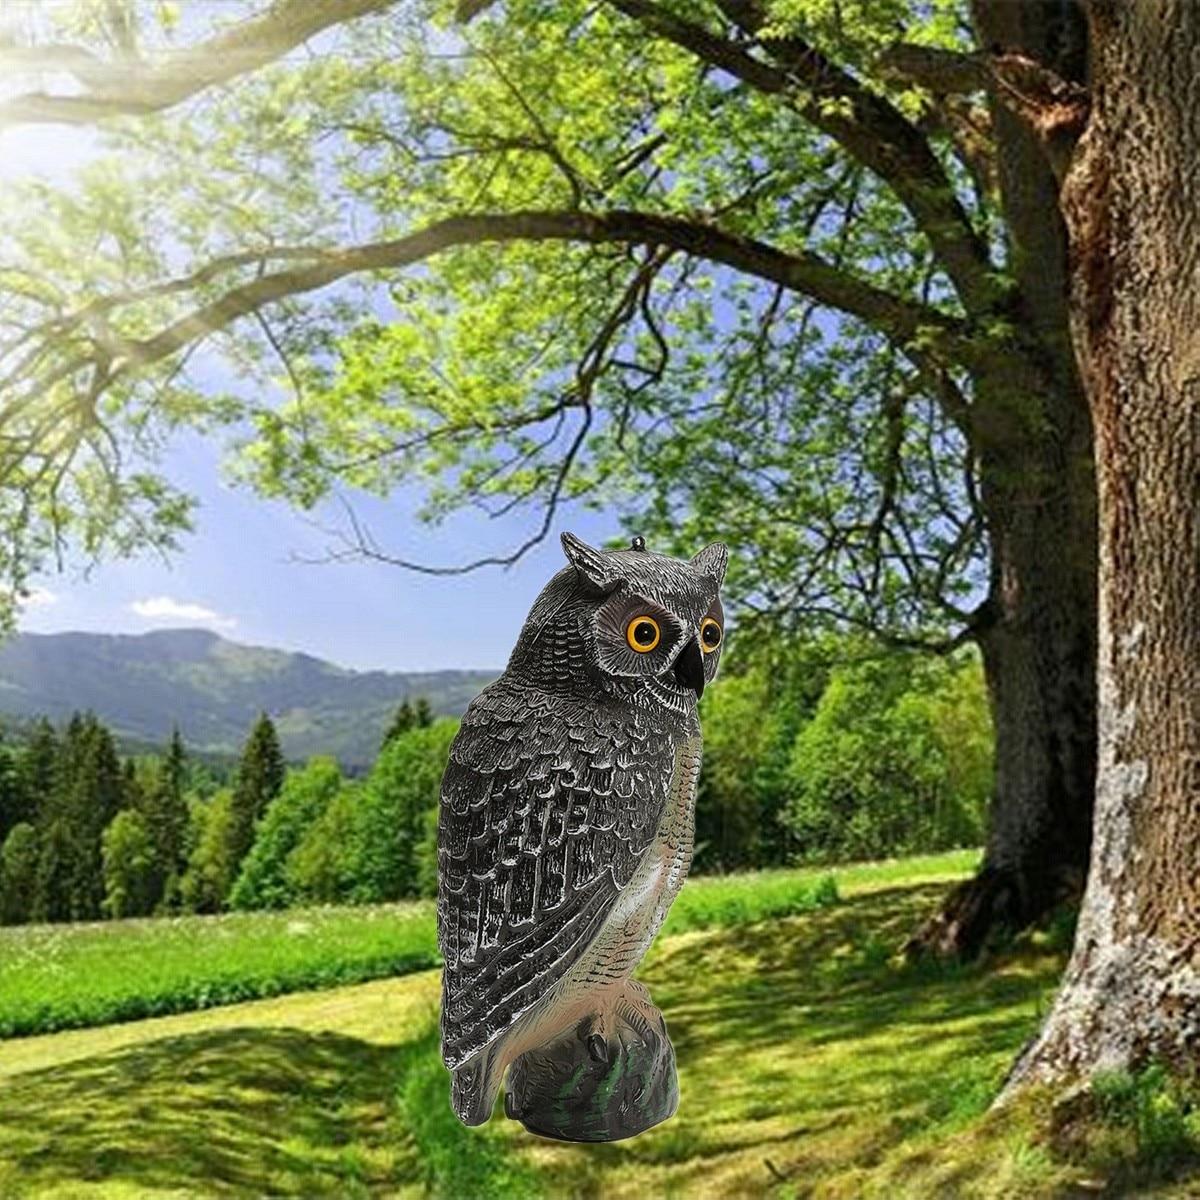 New Bionic Jagd Lockvögel Kunststoff Gefälschte Eule Garten Scarer Scarecrow Vogel Anrufer Yards Decor Ornamente Geschenke Für Hunter Liebhaber